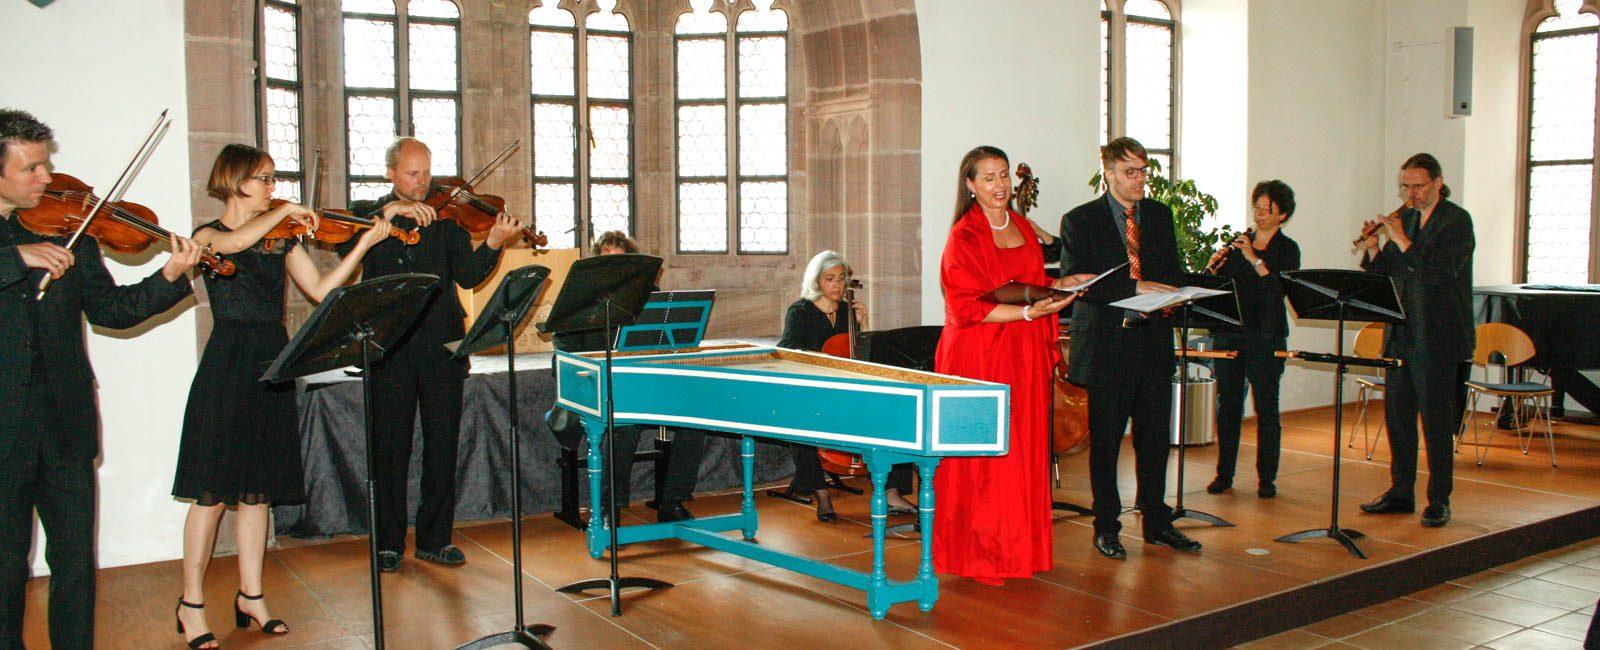 hofmusiktage-3